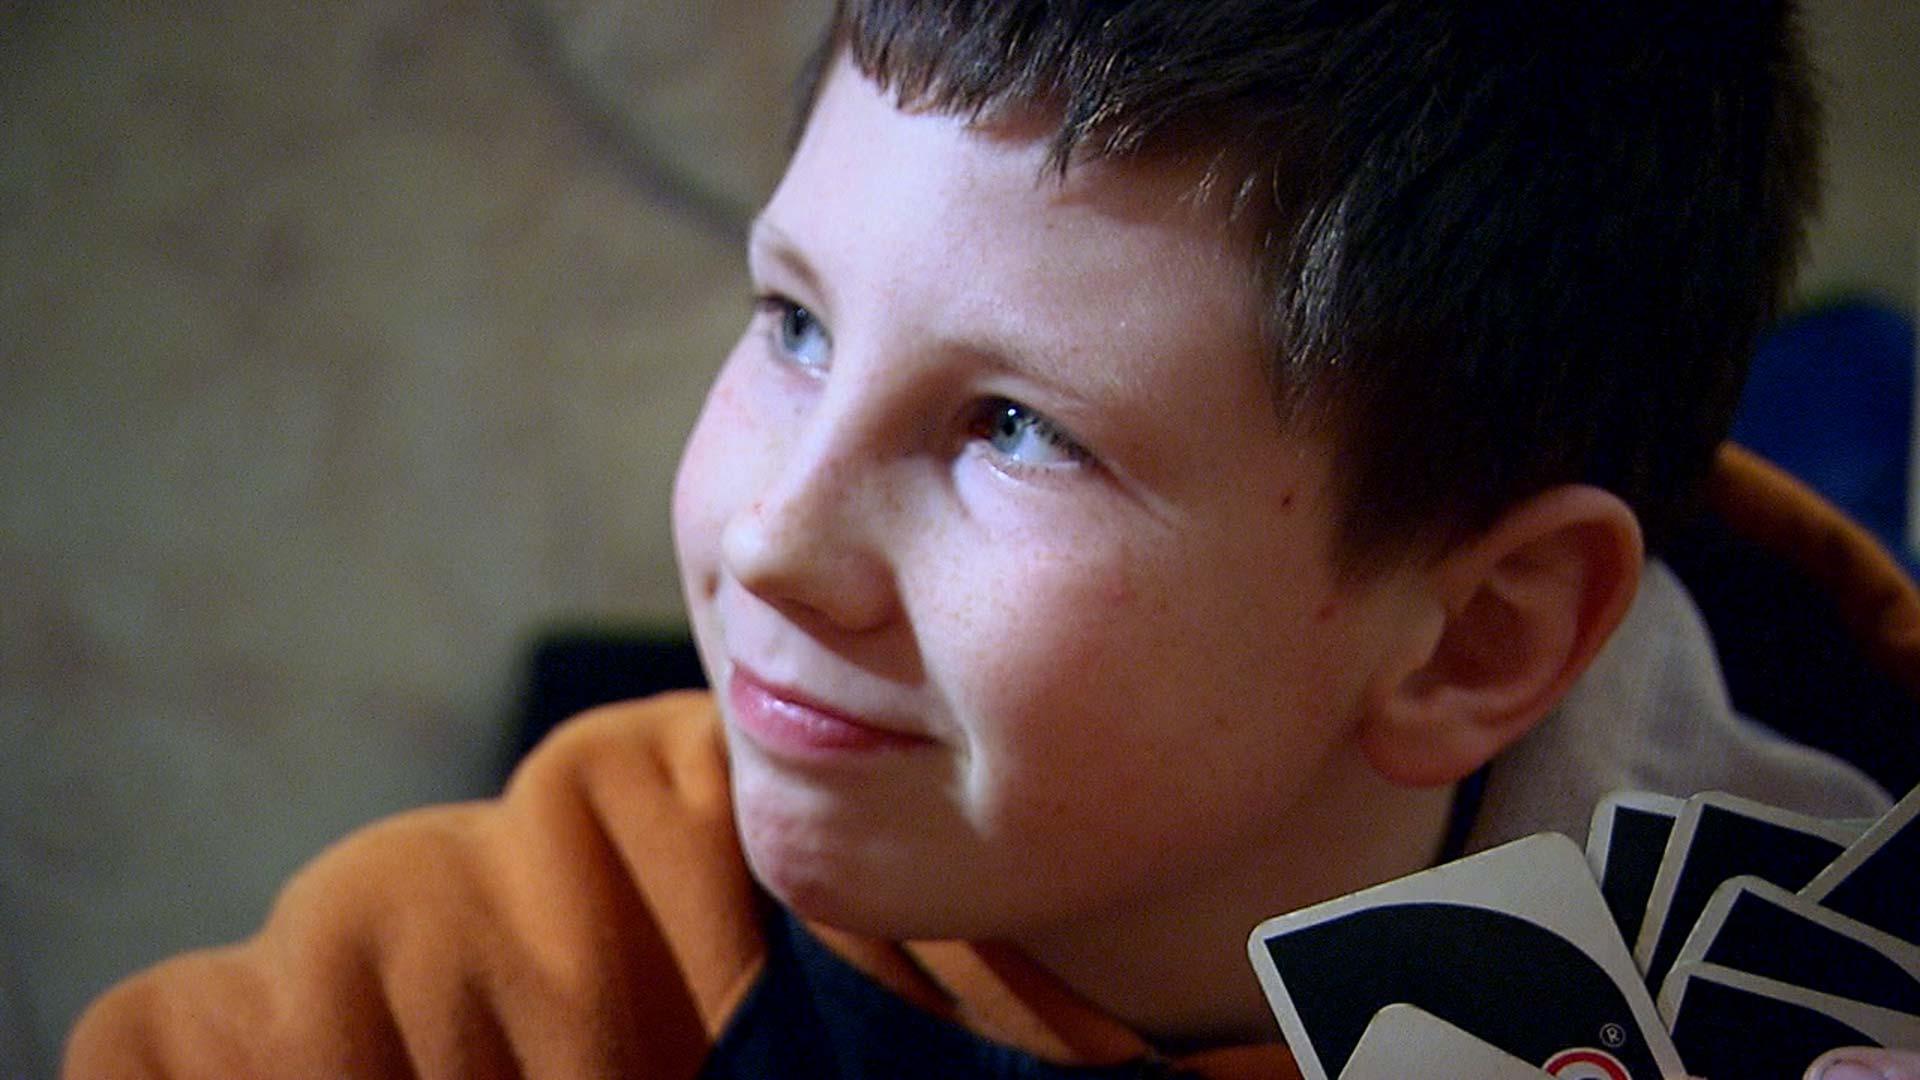 Junge spielt in seiner Freizeit Uno